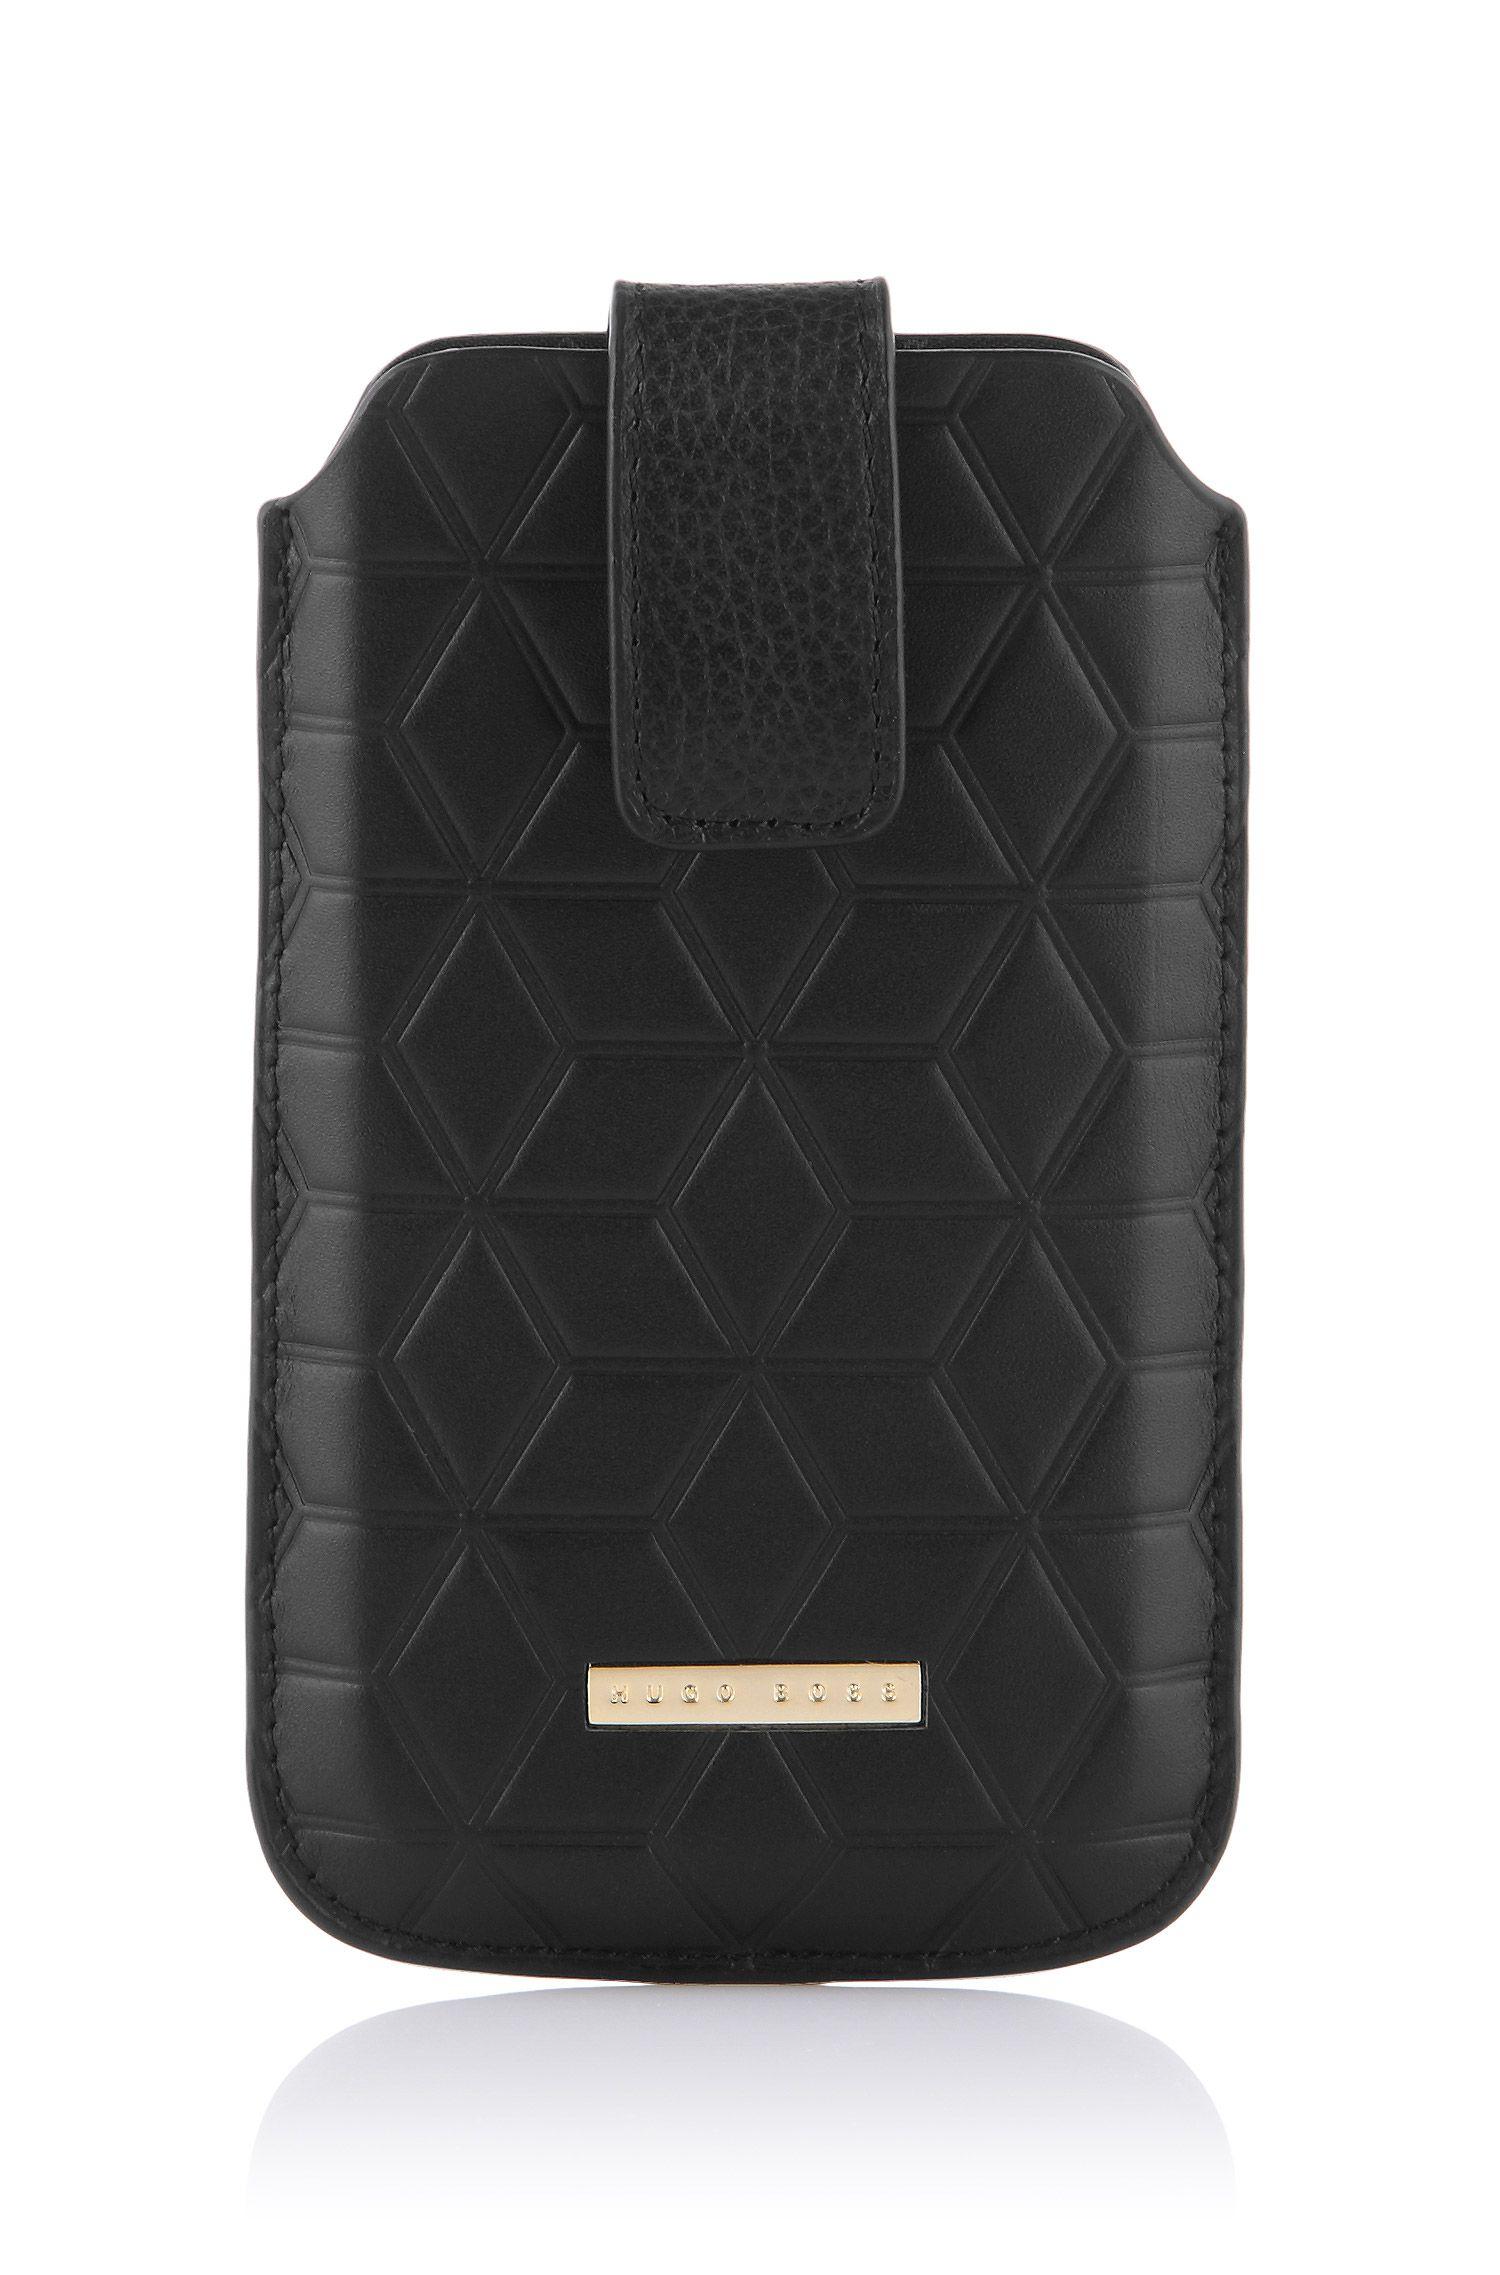 Universaltasche ´BRUSSELS` für Smartphones